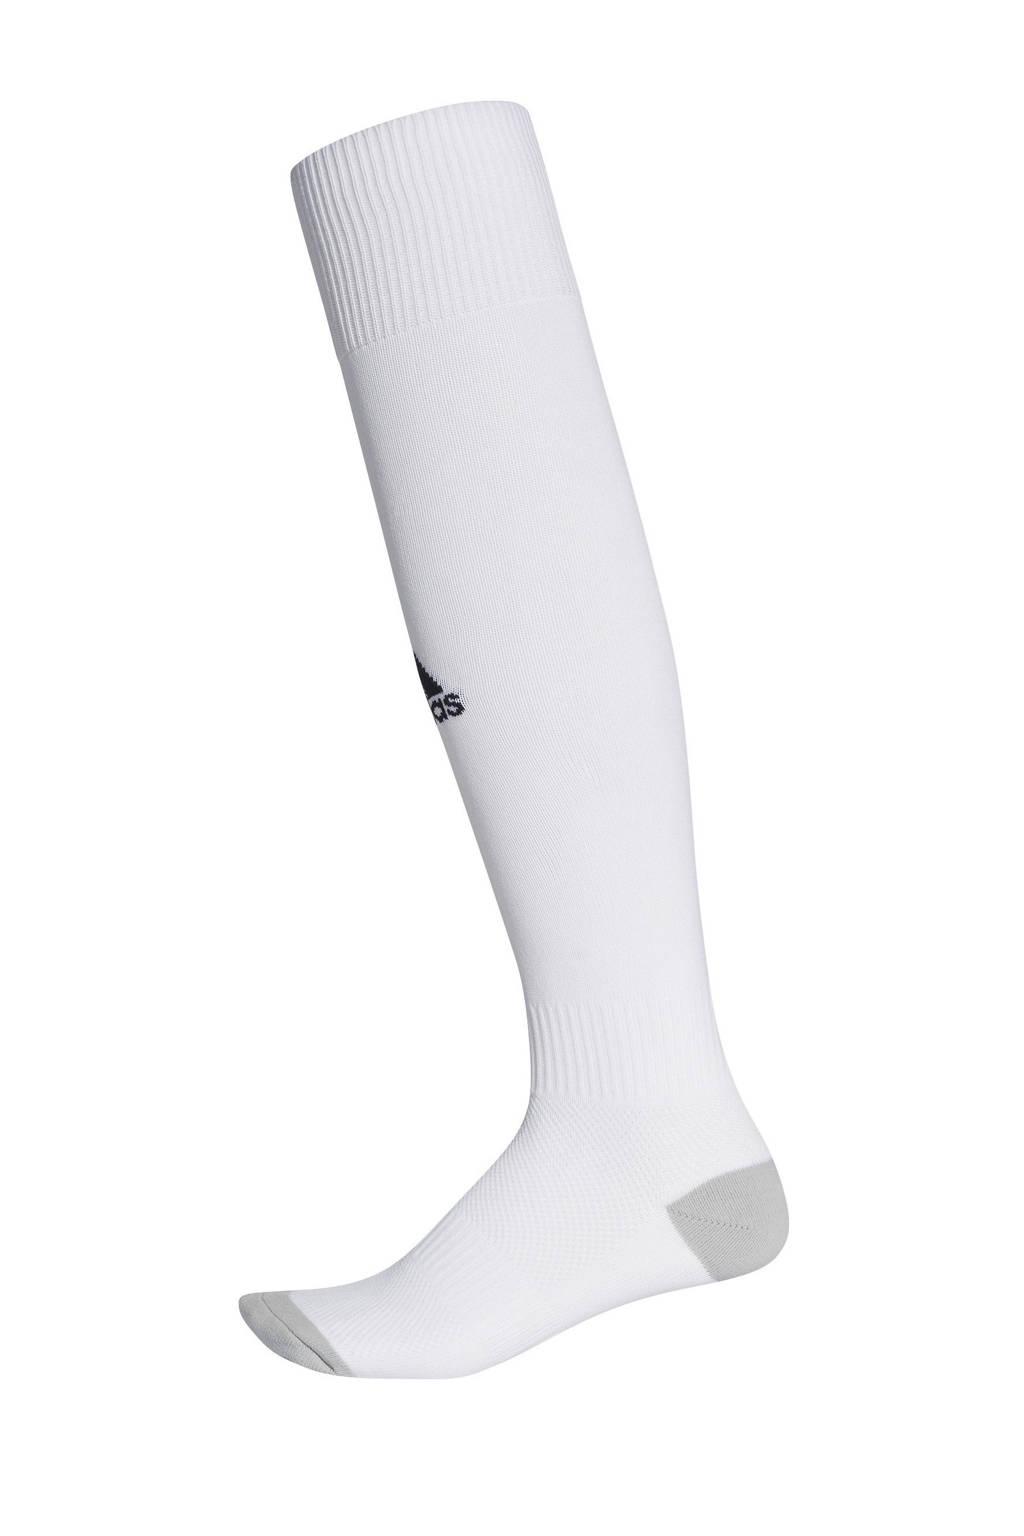 adidas performance Senior  Milano 16 voetbalsokken wit, Wit/lichtgrijs